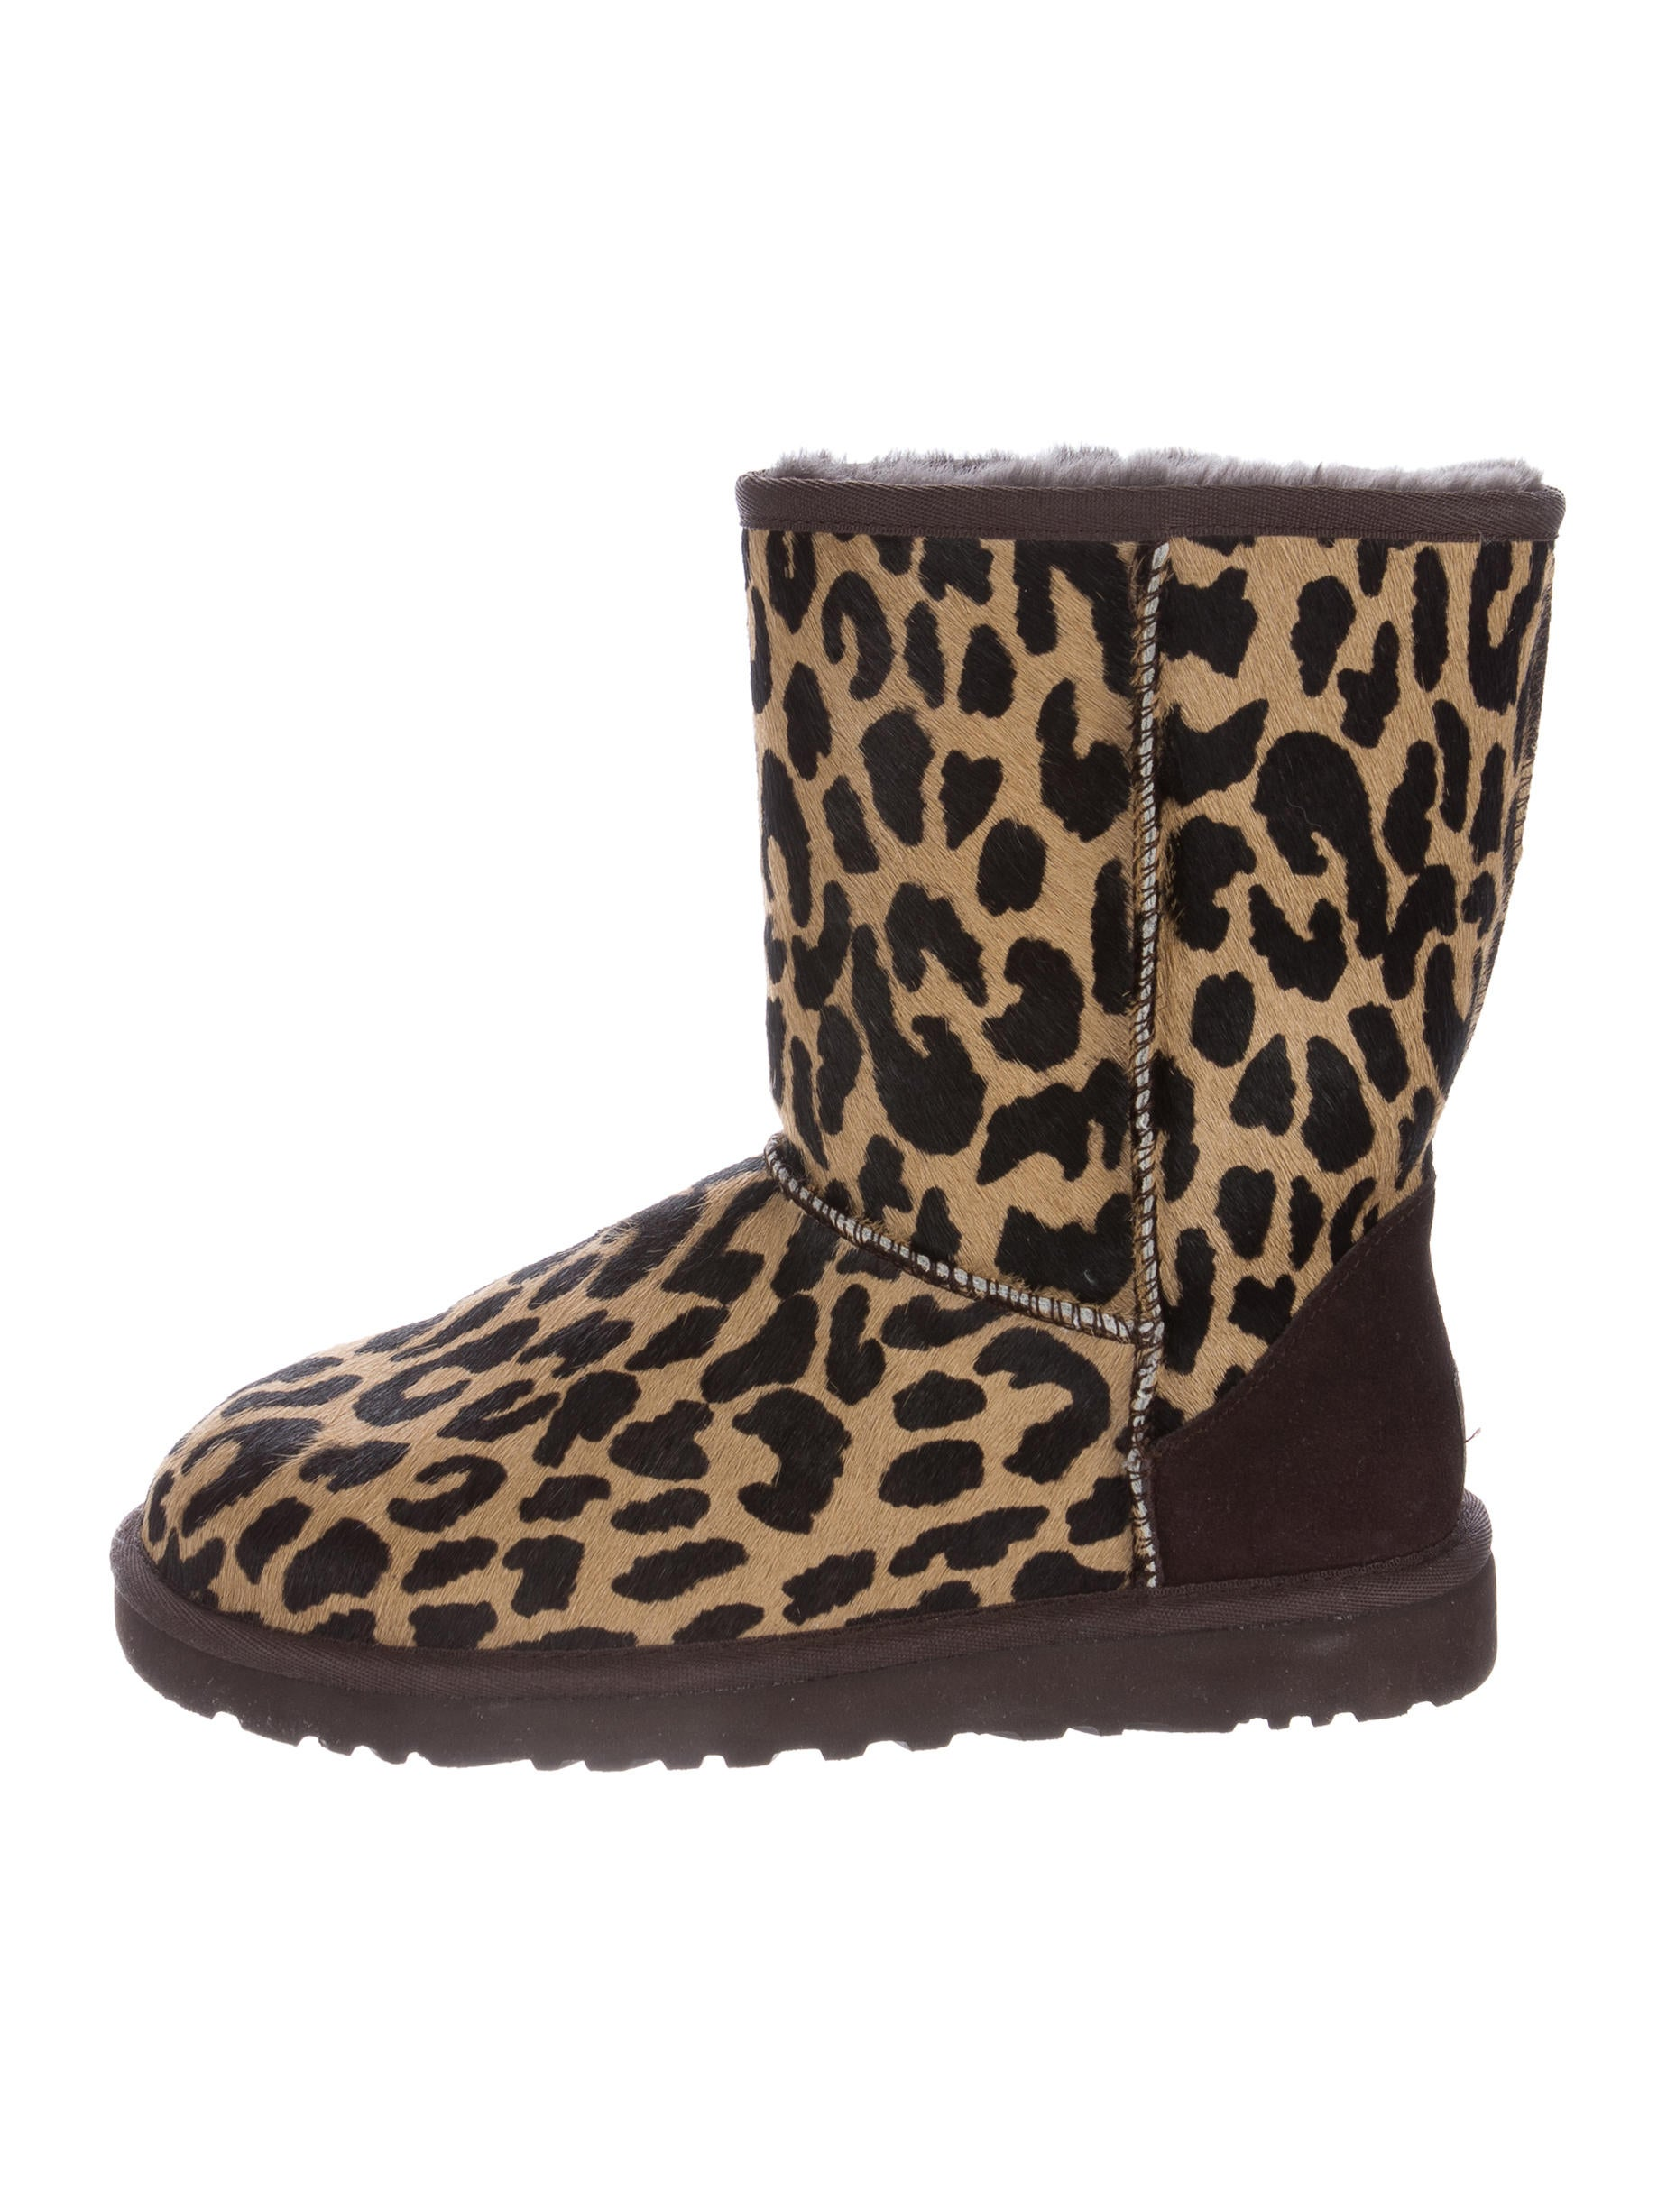 ugg leopard sandals